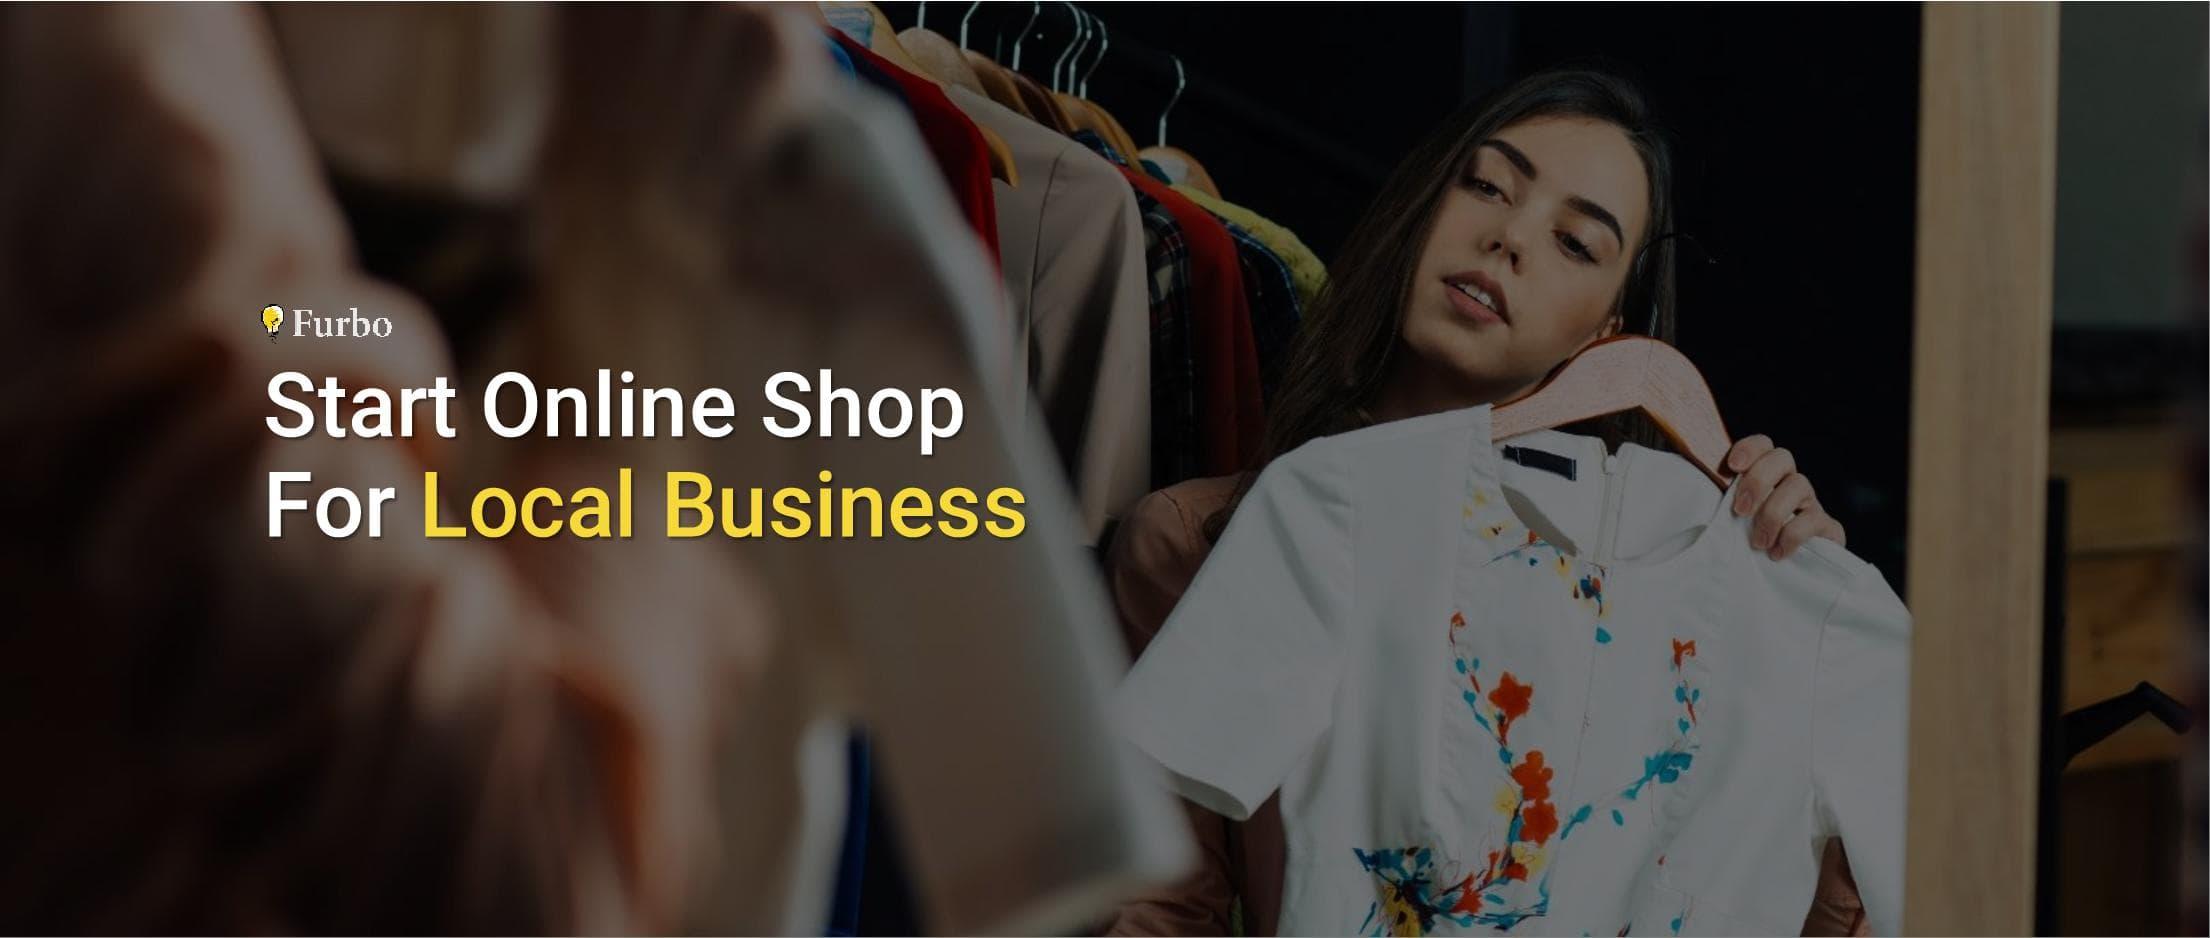 چگونه کسب و کار سنتی خود را آنلاین کنیم؟